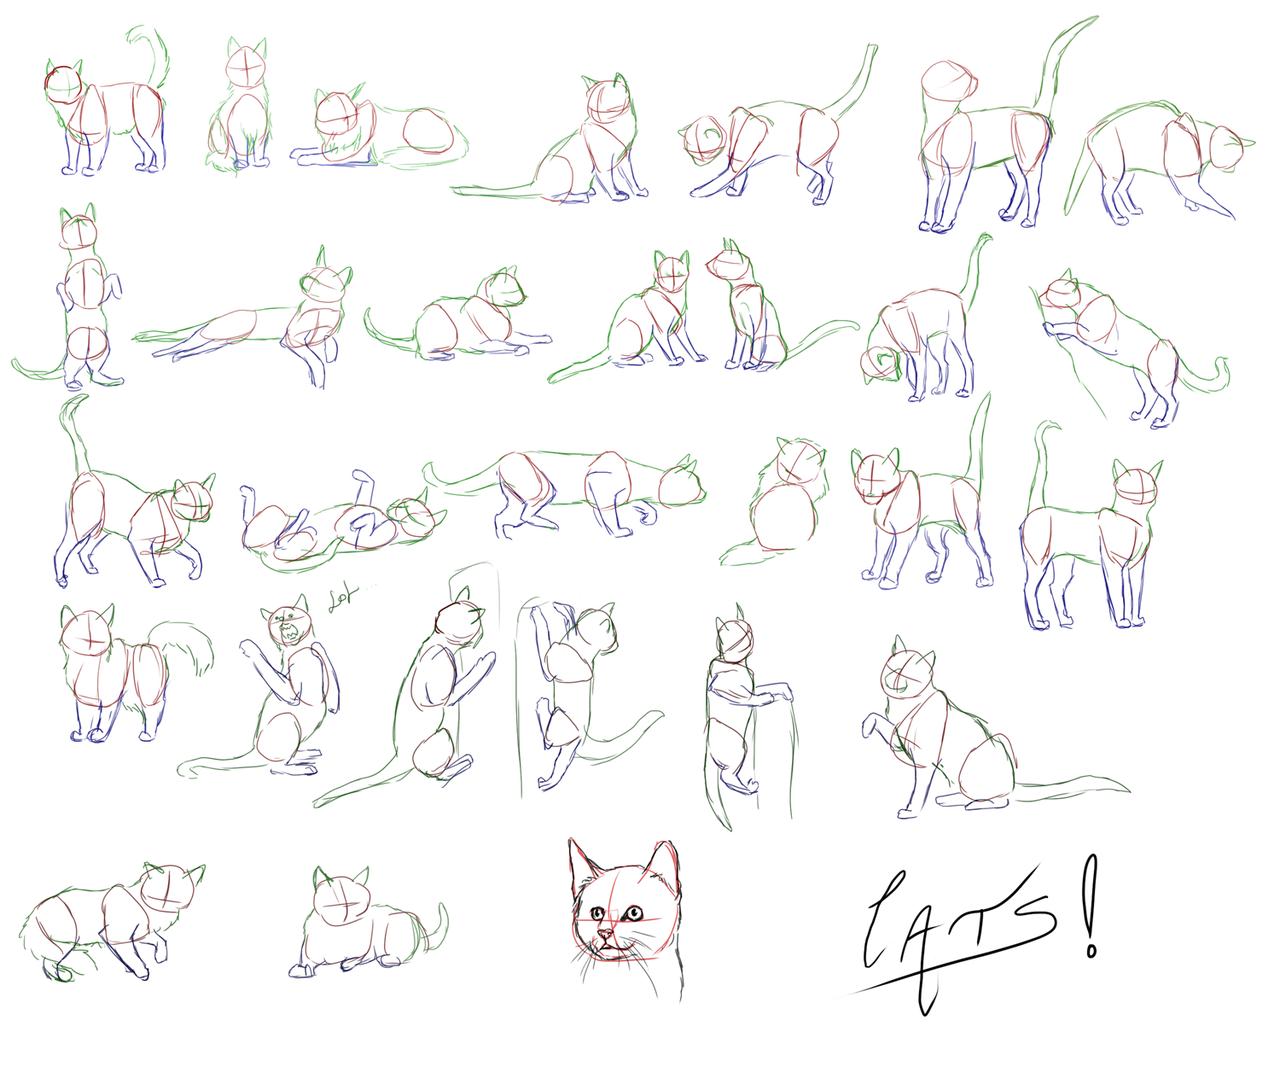 Cats Cats Cats by Golden-tetrise.deviantart.com on @deviantART | Cat ...